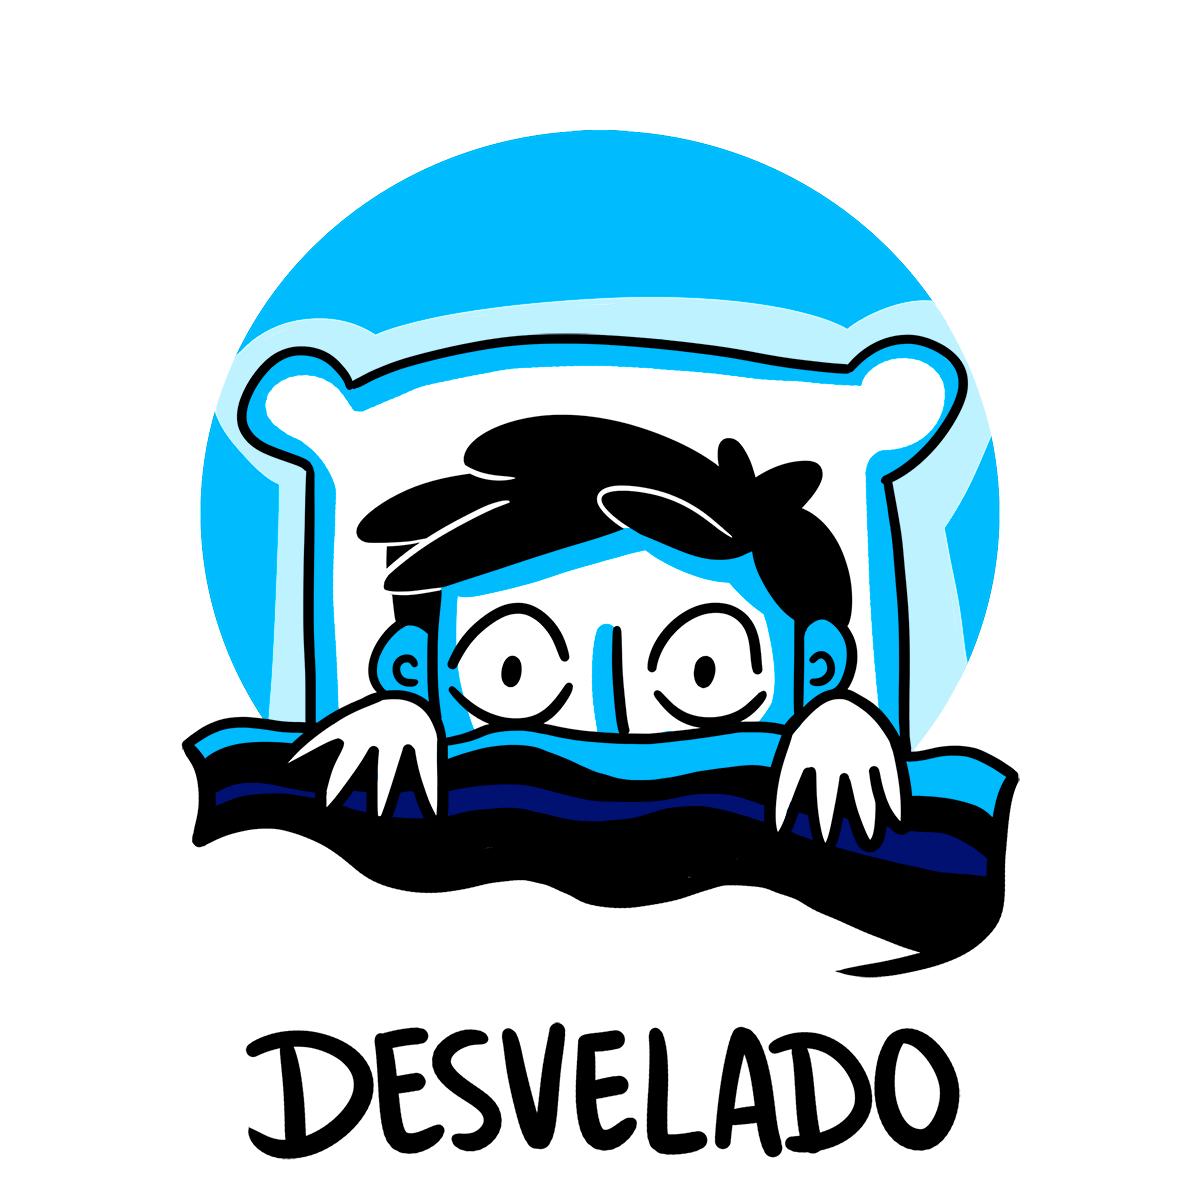 Desvelado